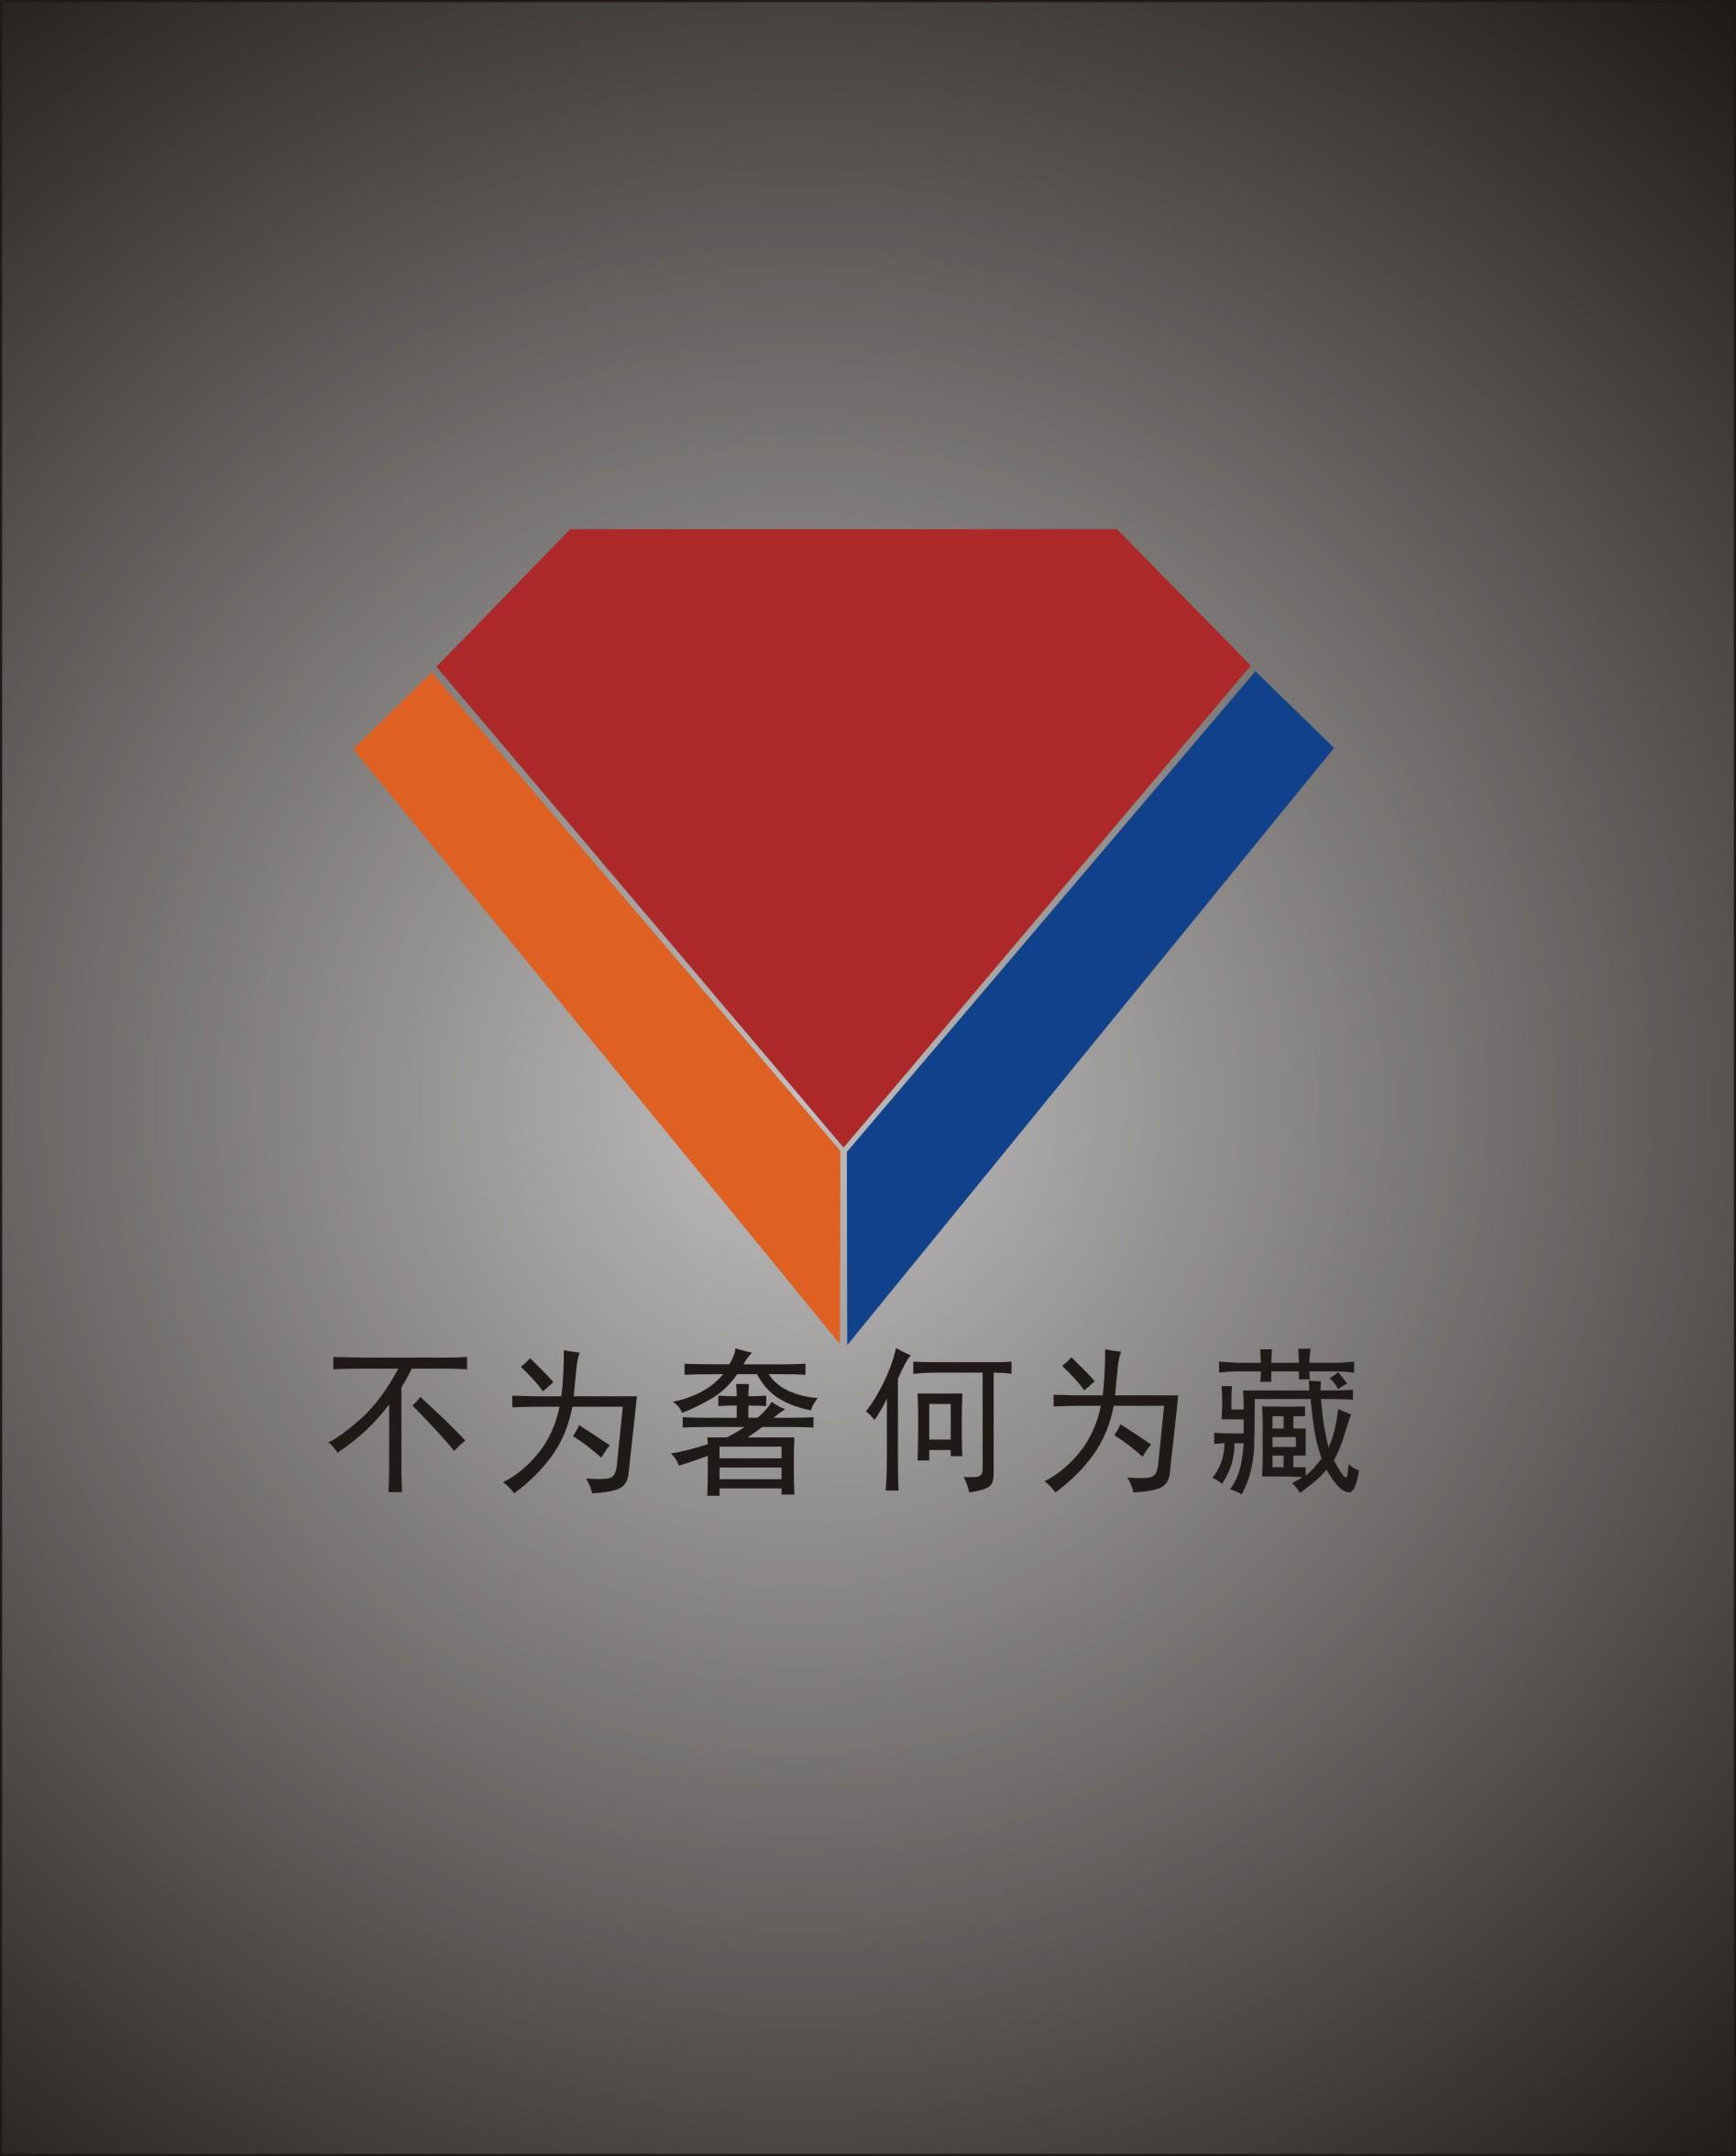 红黄蓝幼儿园品牌logo